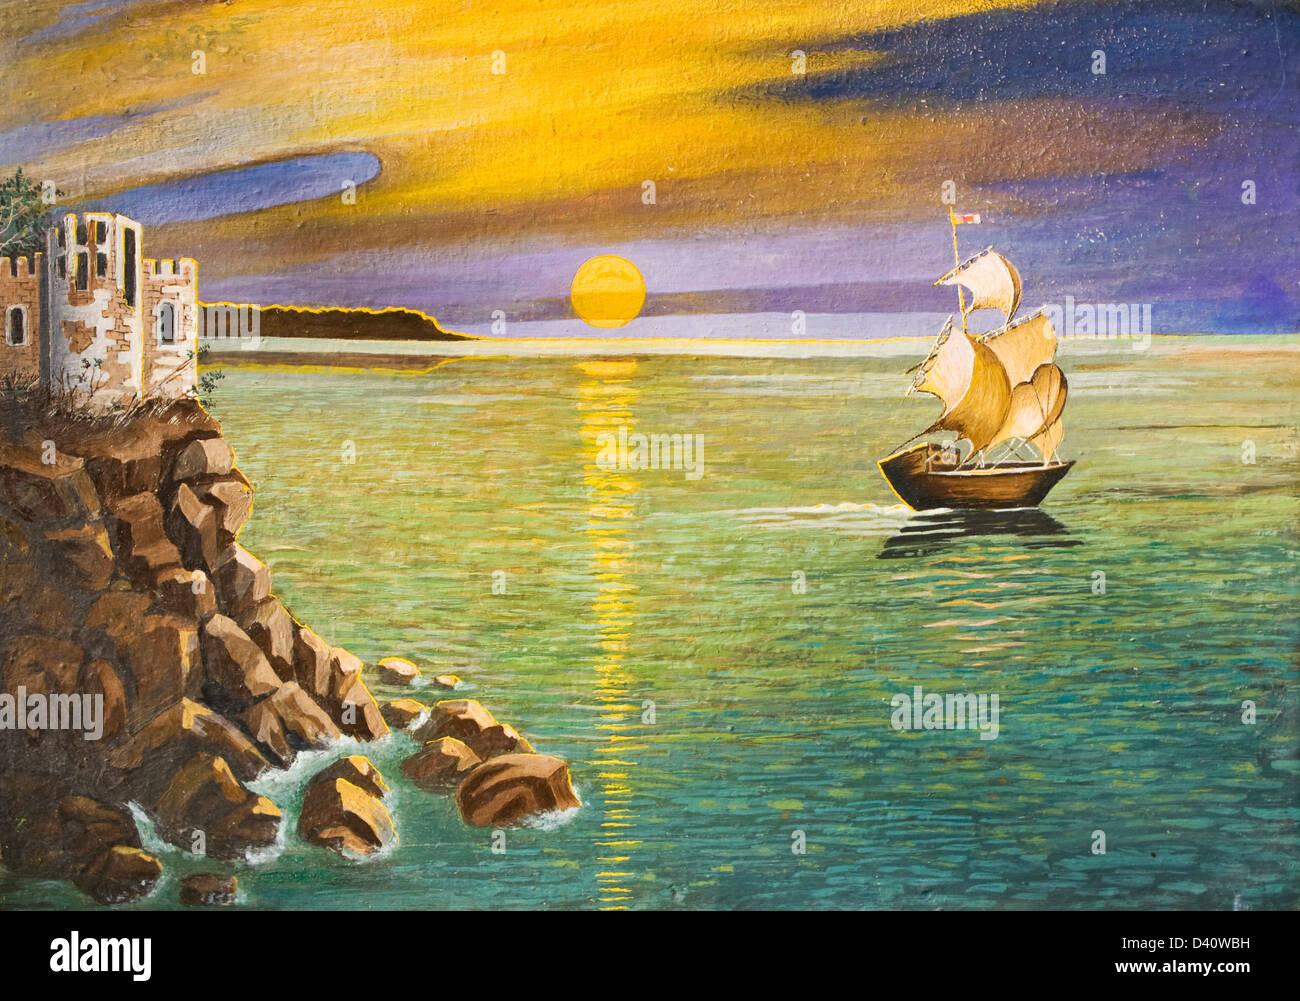 La mia propria immagine, pittura ad olio, fatto a mano. Paesaggio di mare con nave a vela e il castello sulla roccia, Immagini Stock